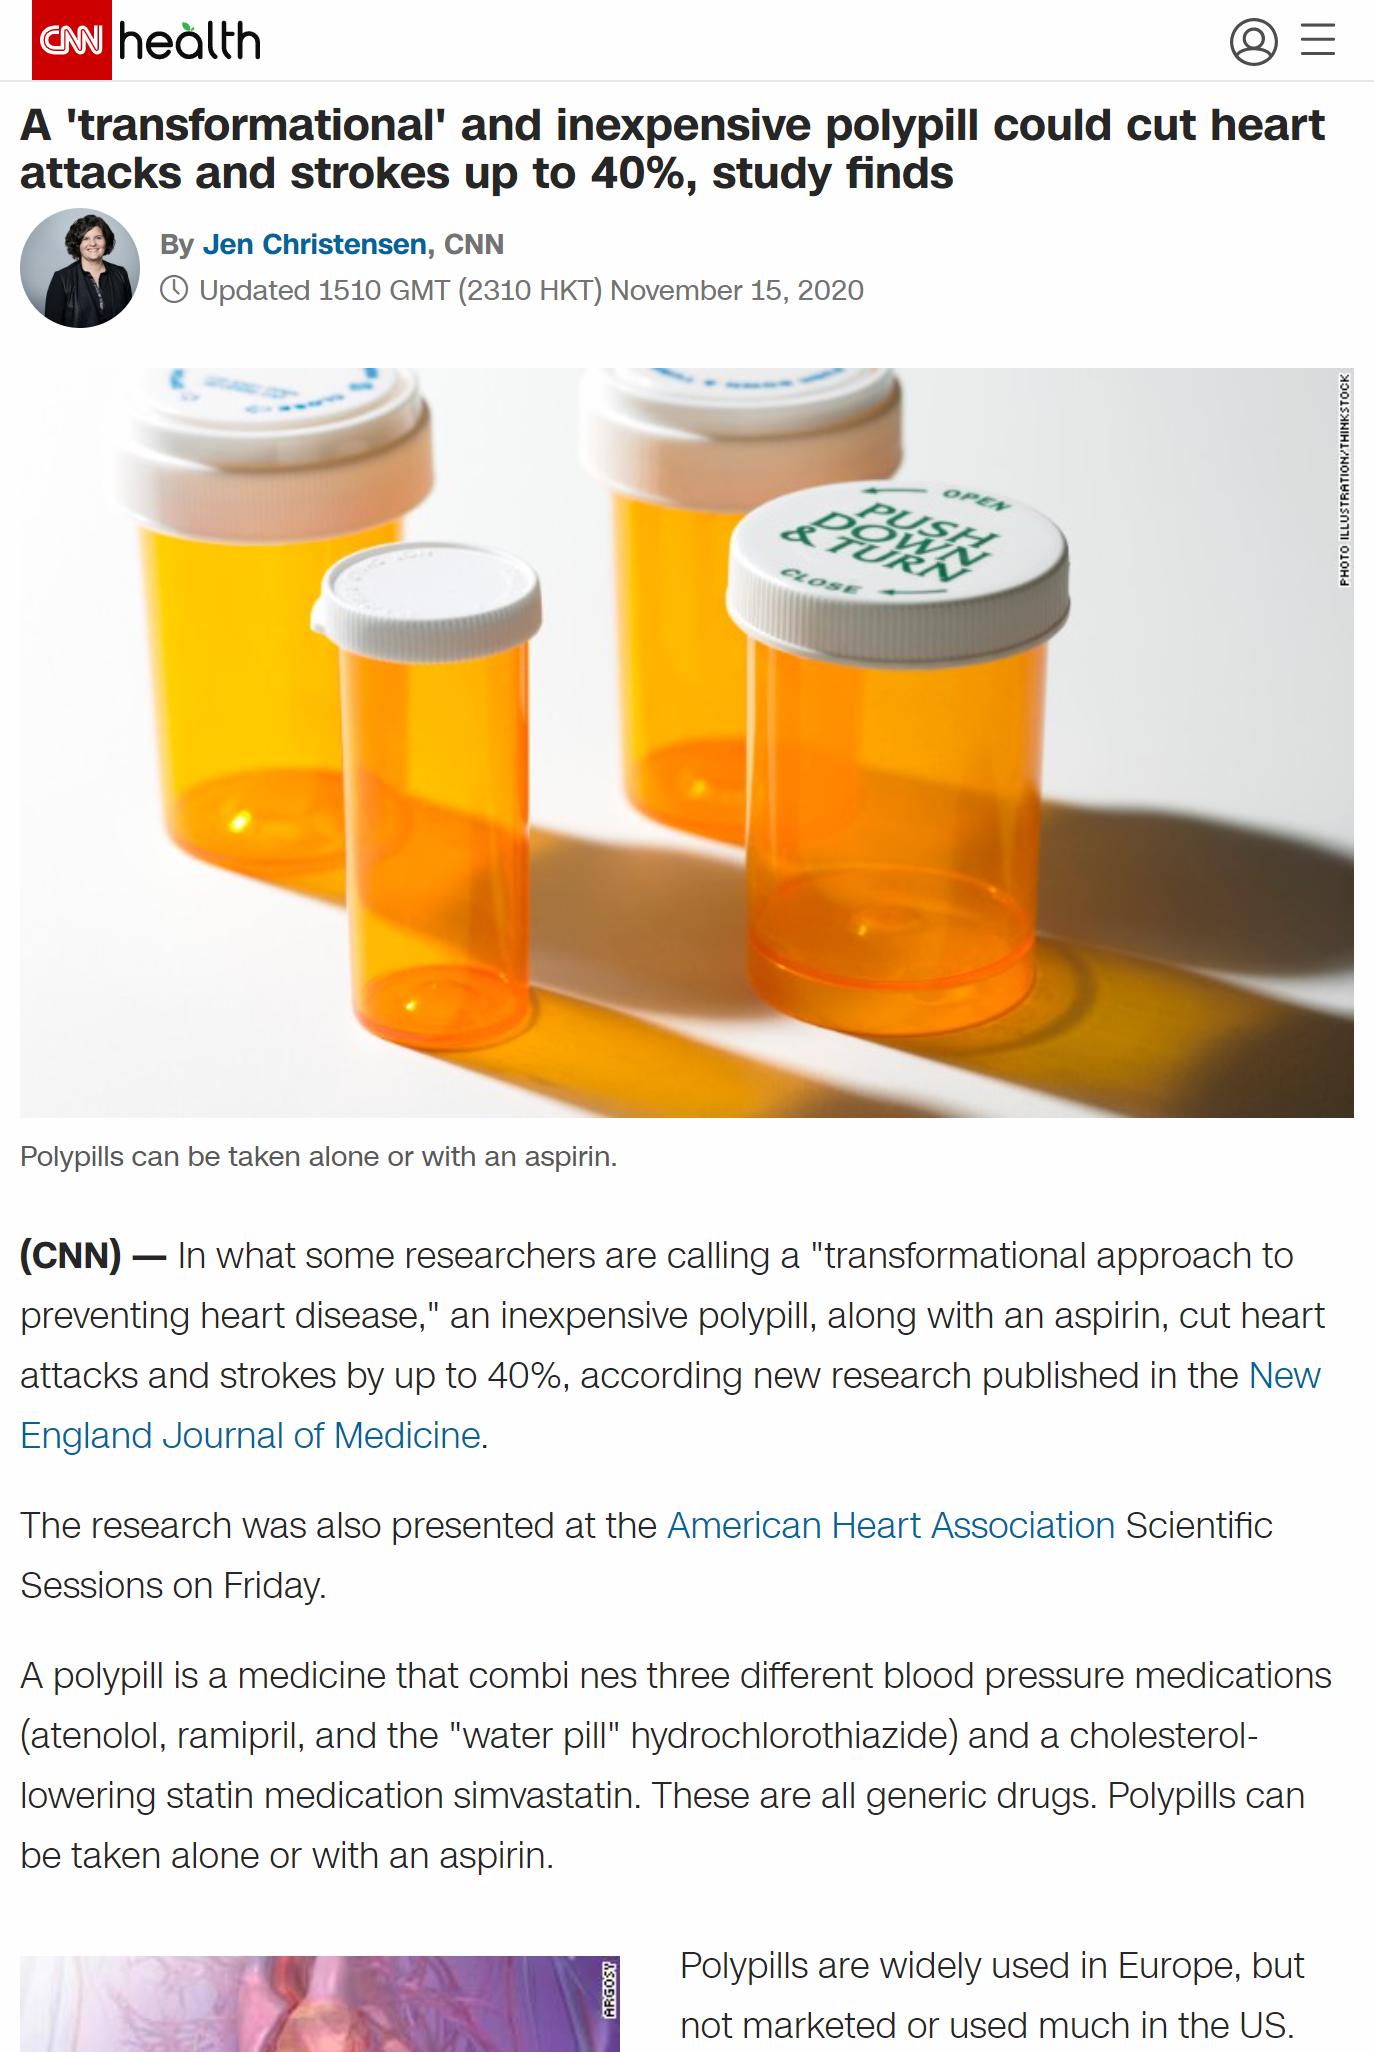 CNN-Health